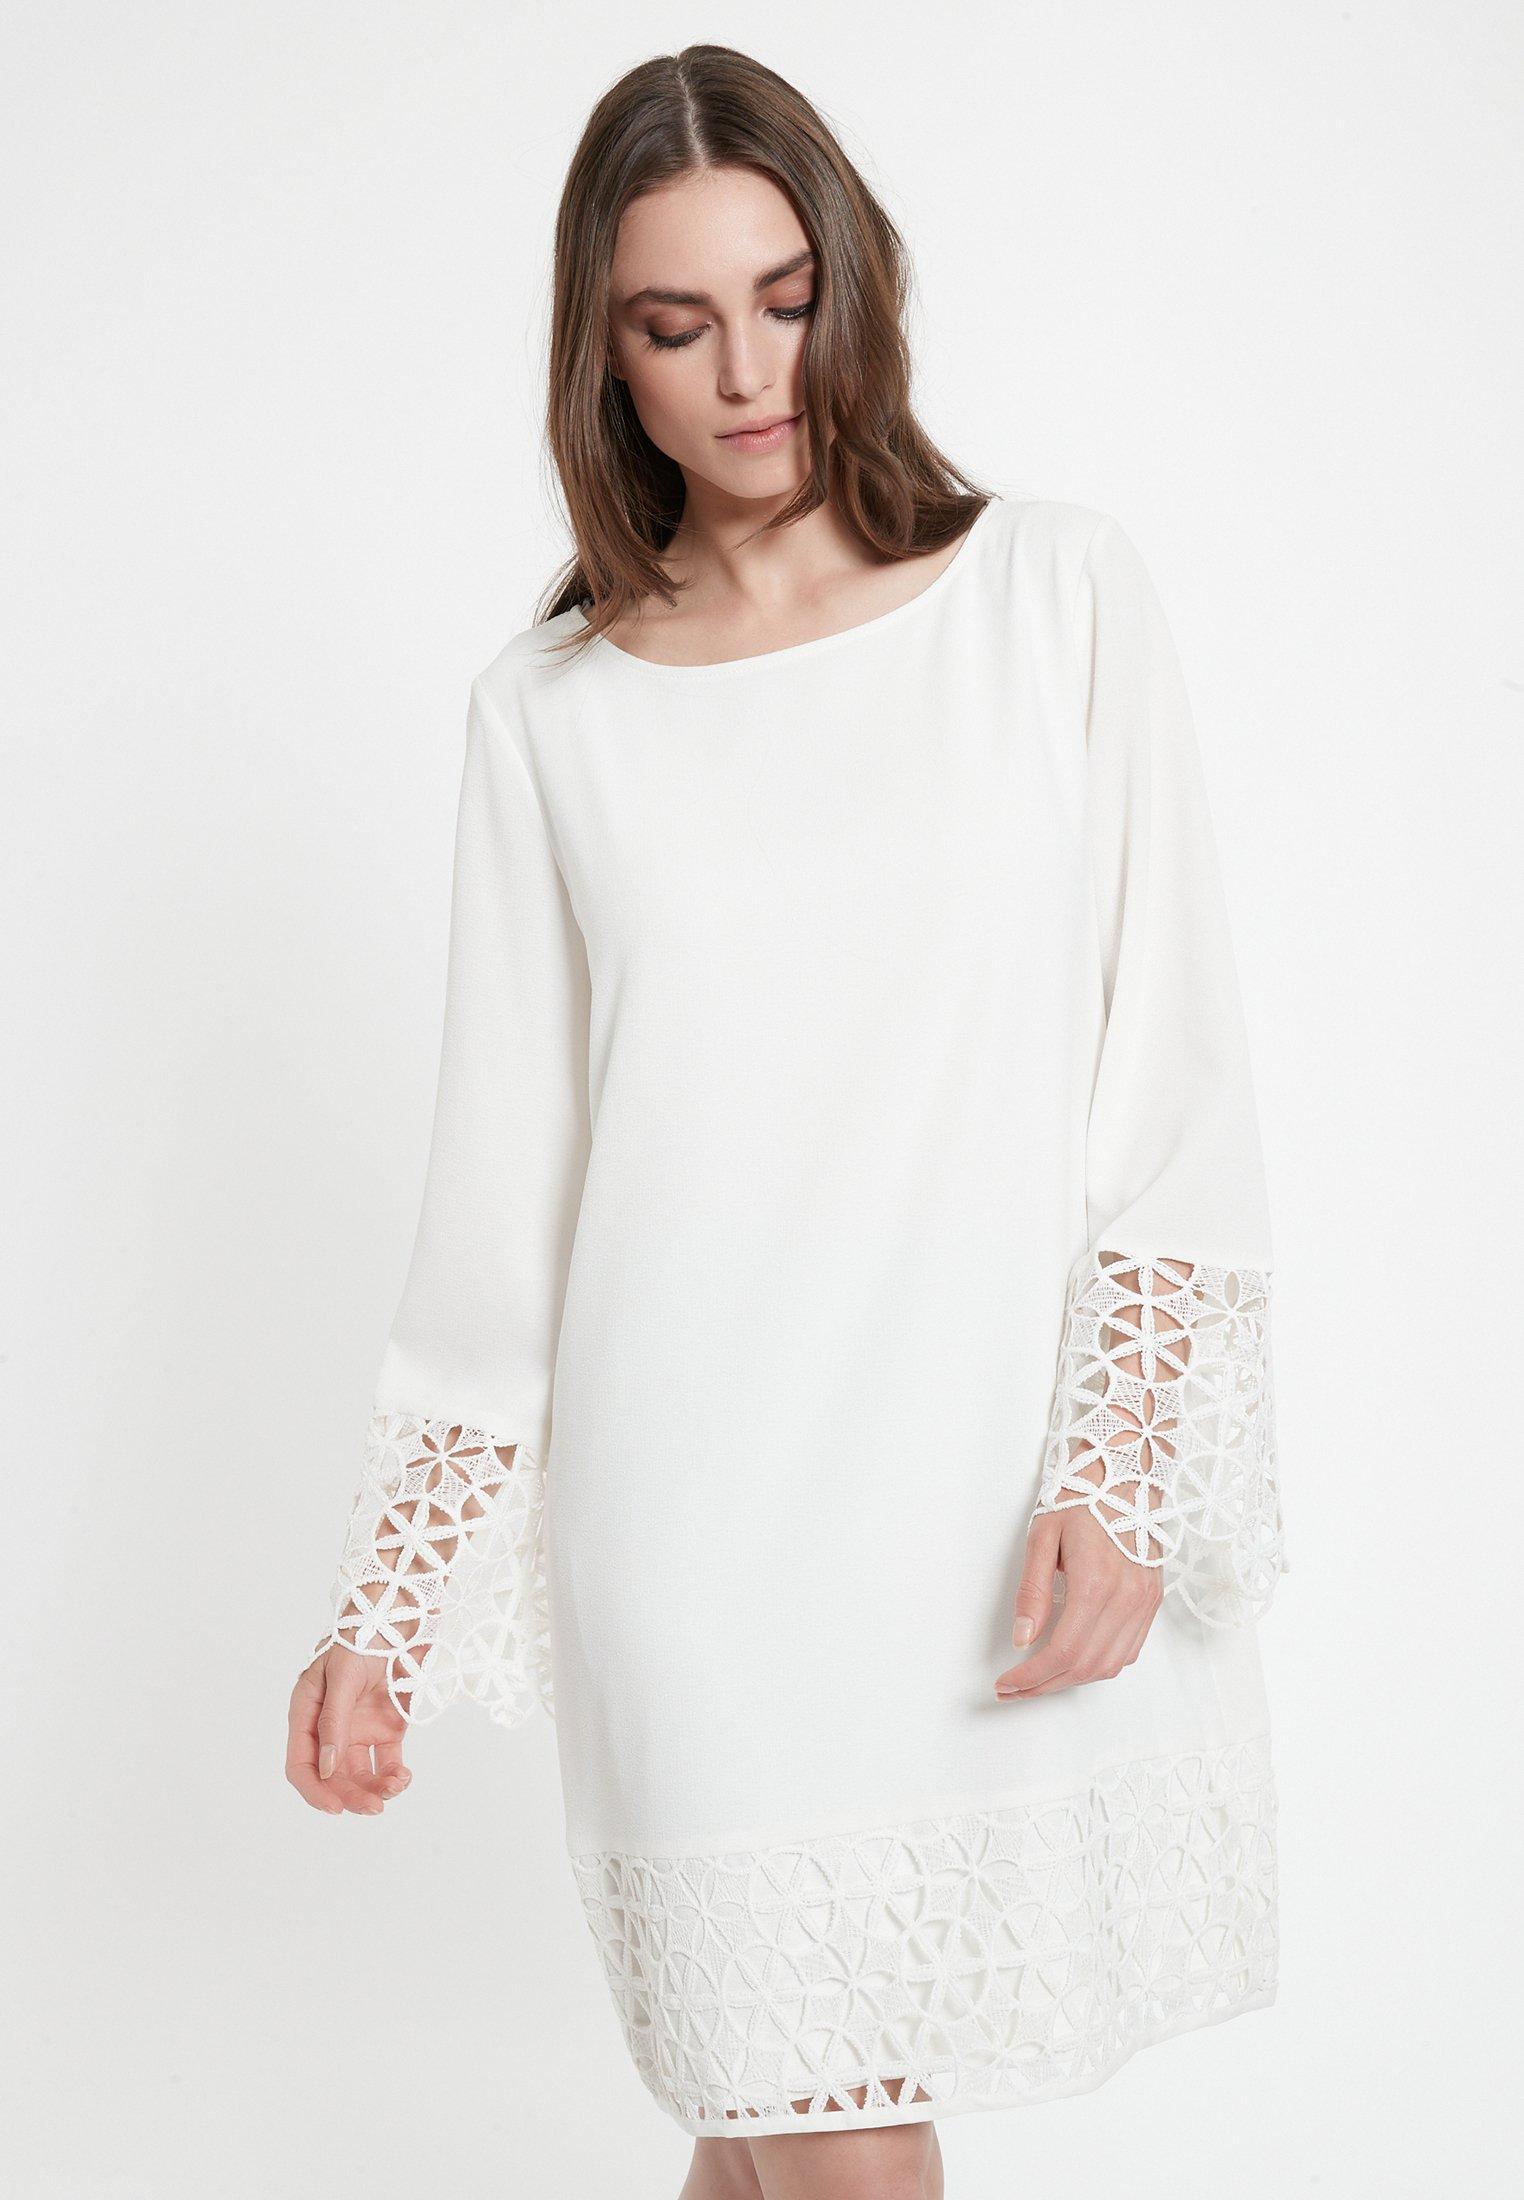 Kleid Weiß Spitze Zalando  seattle 2021